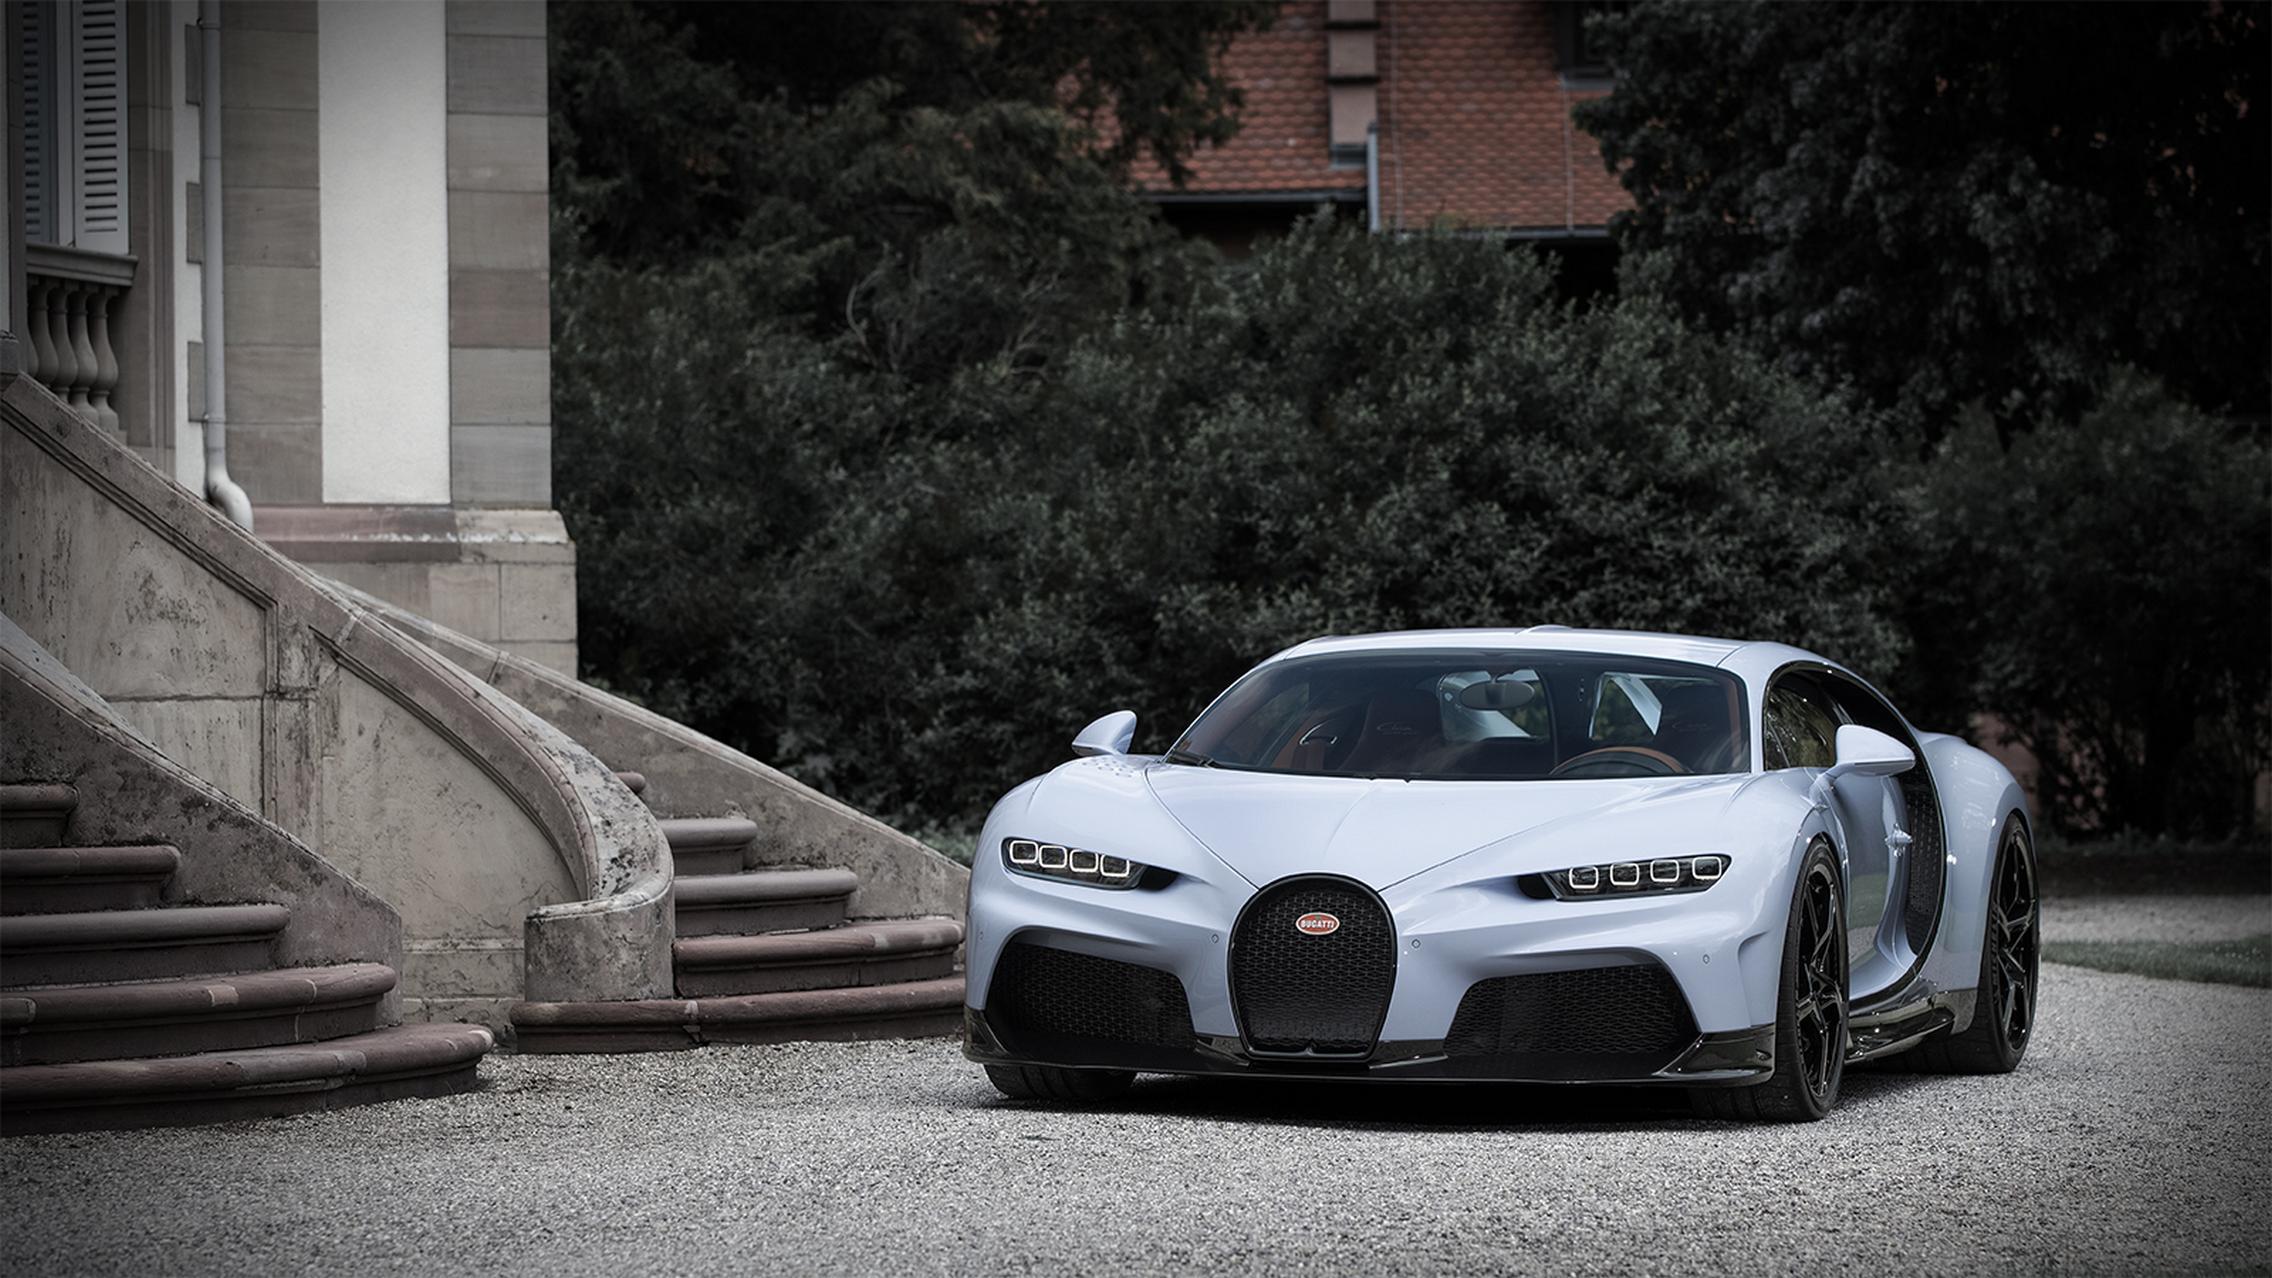 Bugatti Chiron Super Sport price